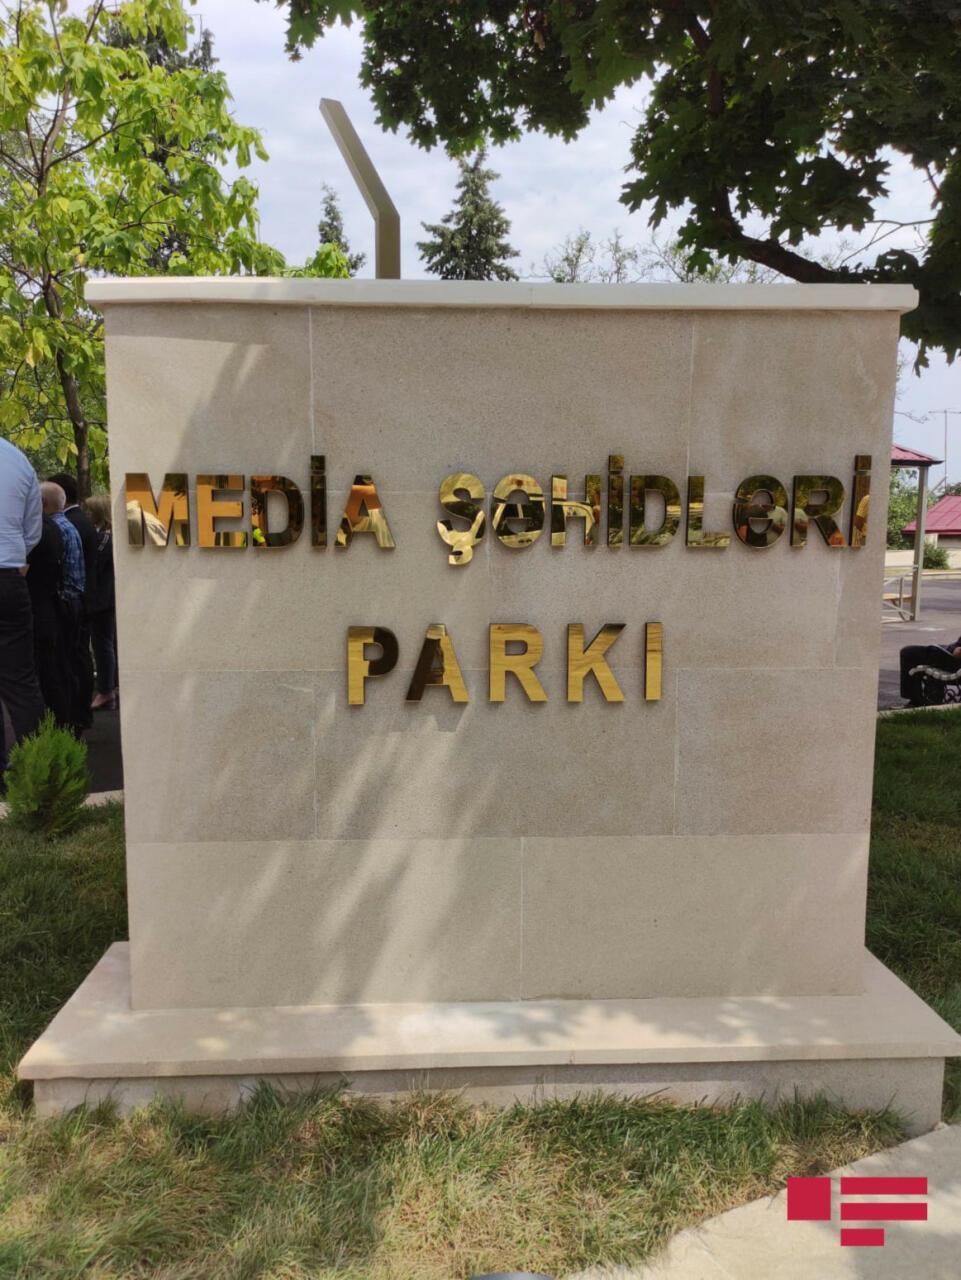 В Губе открылся парк «Media şəhidləri»